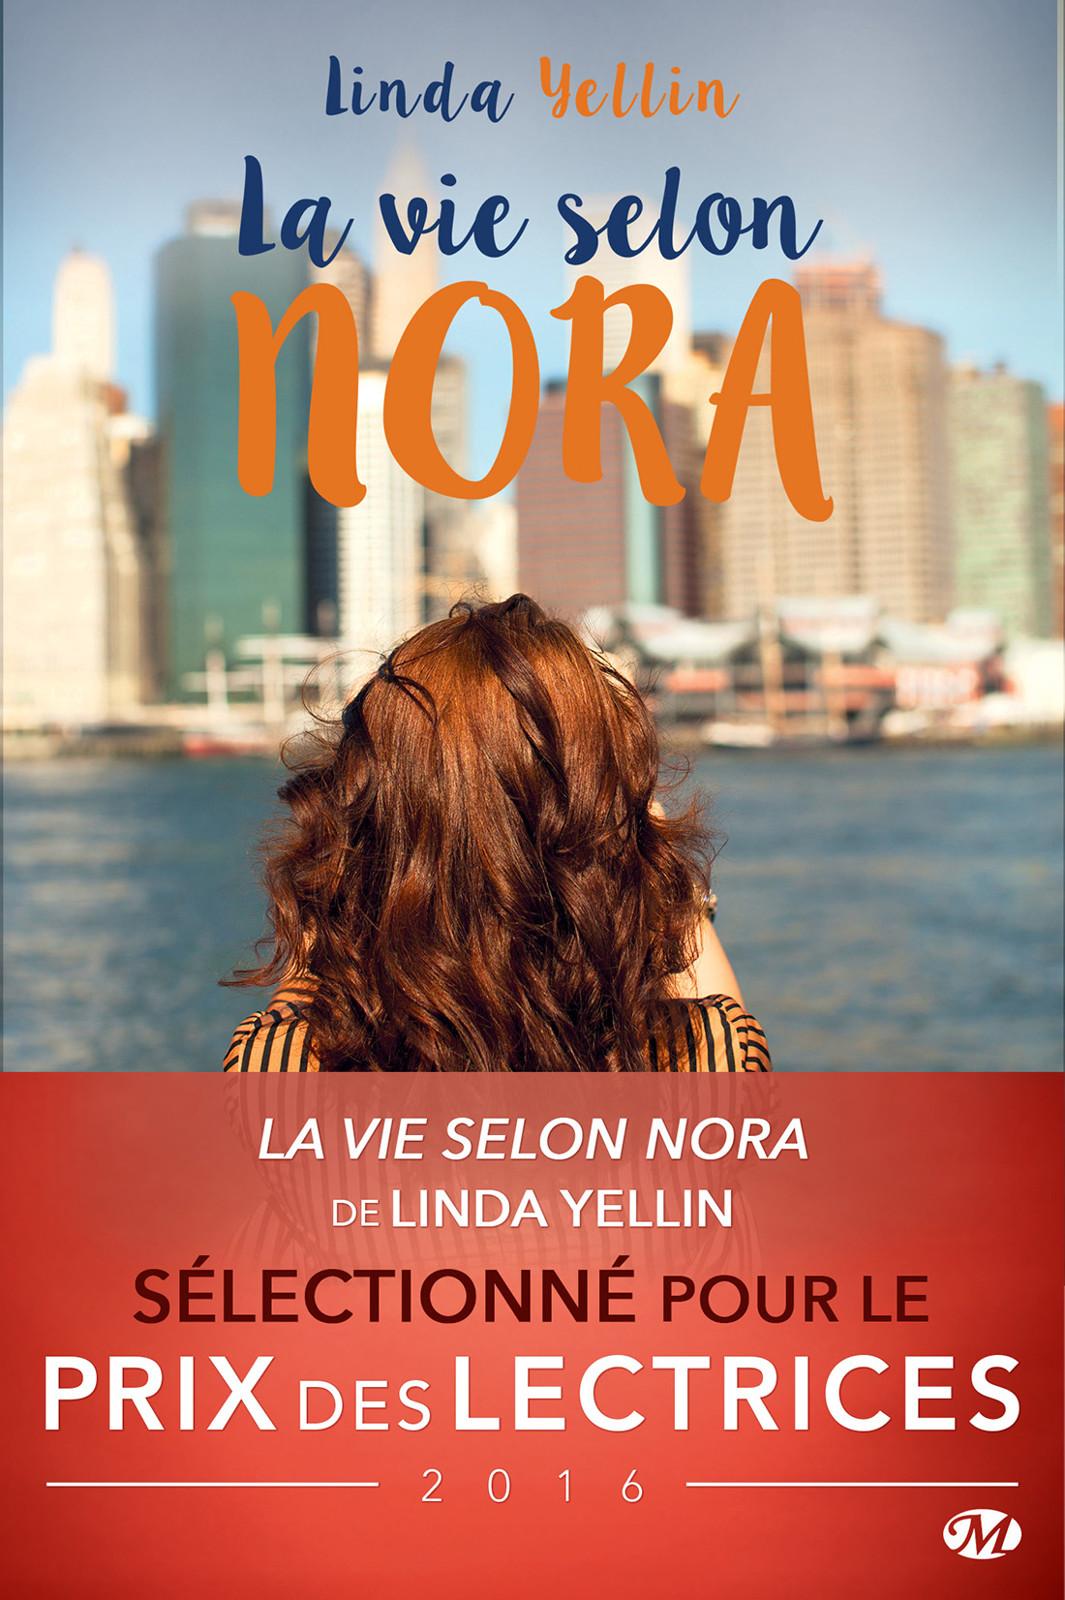 Linda Yellin - La vie selon Nora